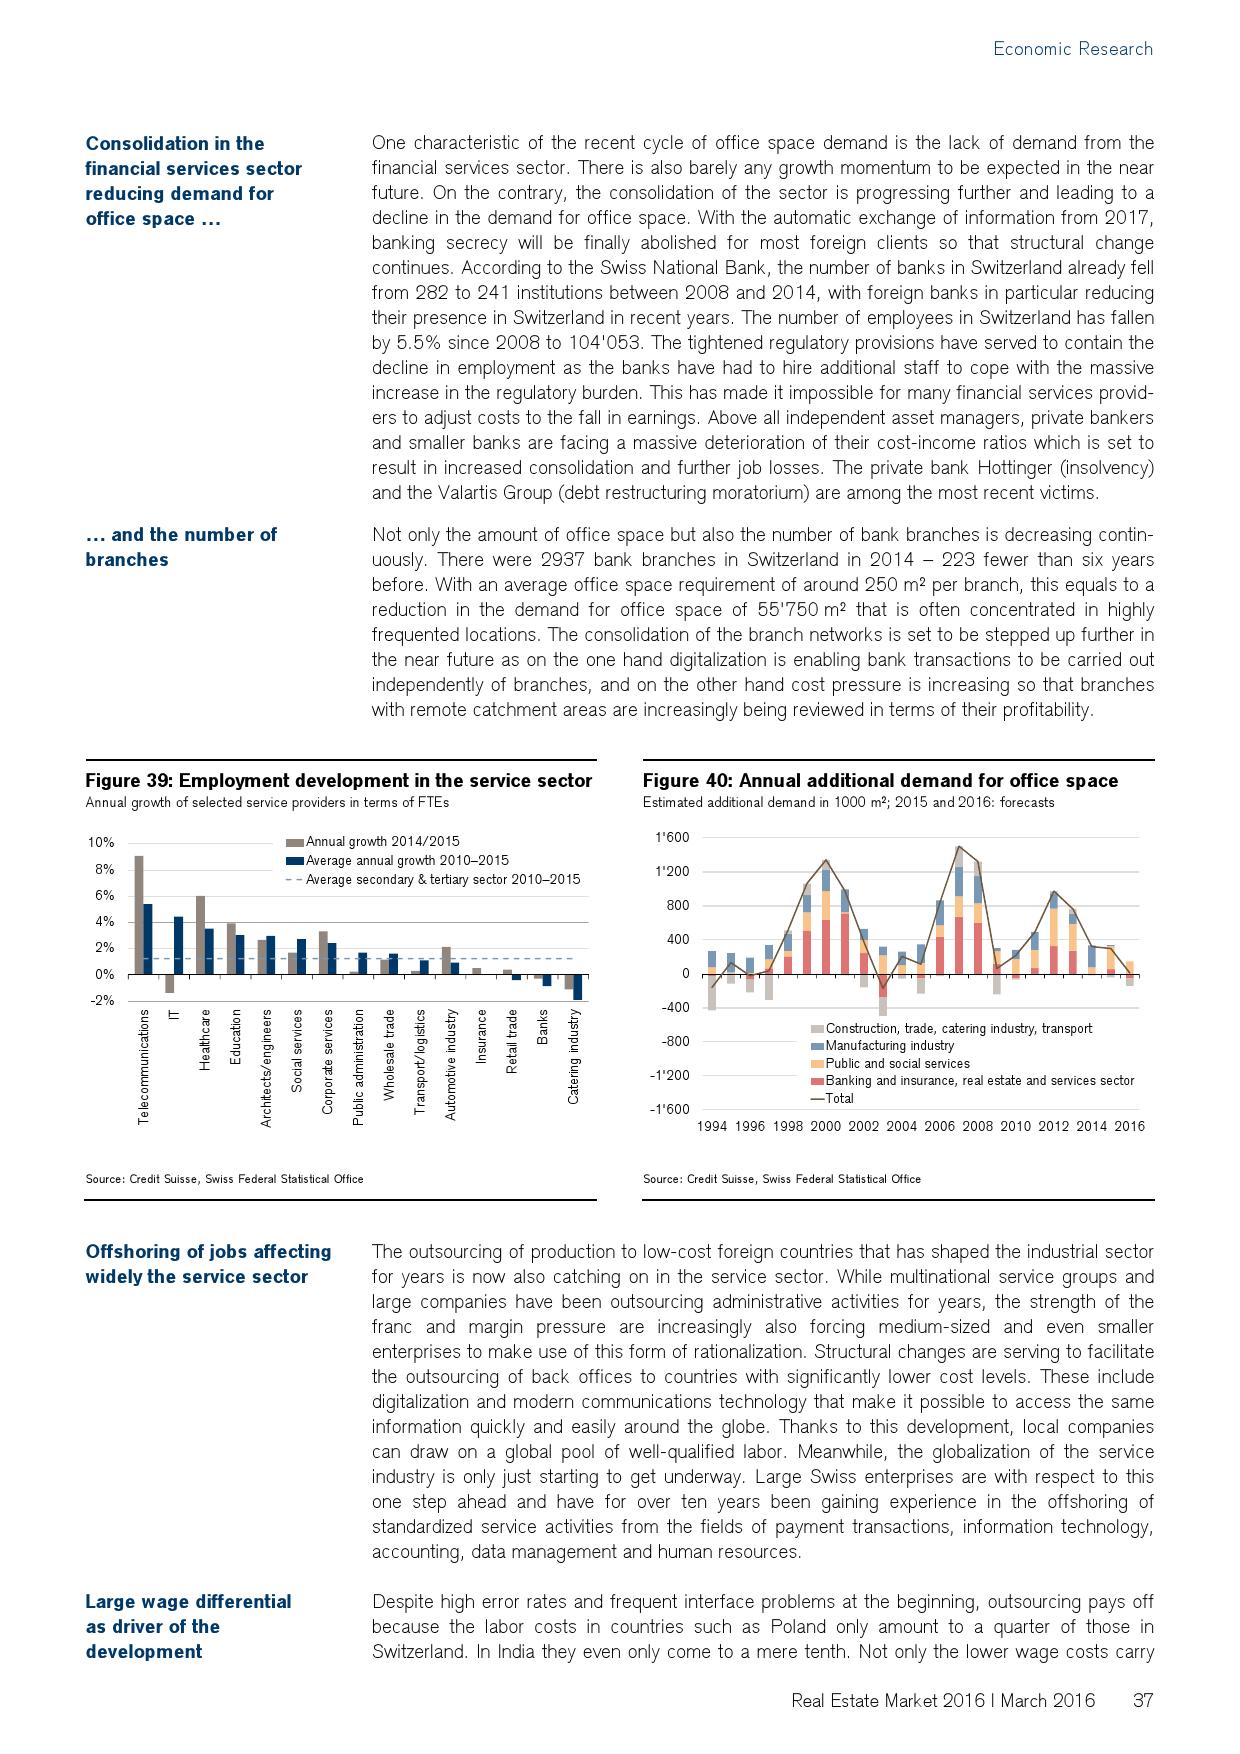 2016年瑞士房地产市场研究报告_000037